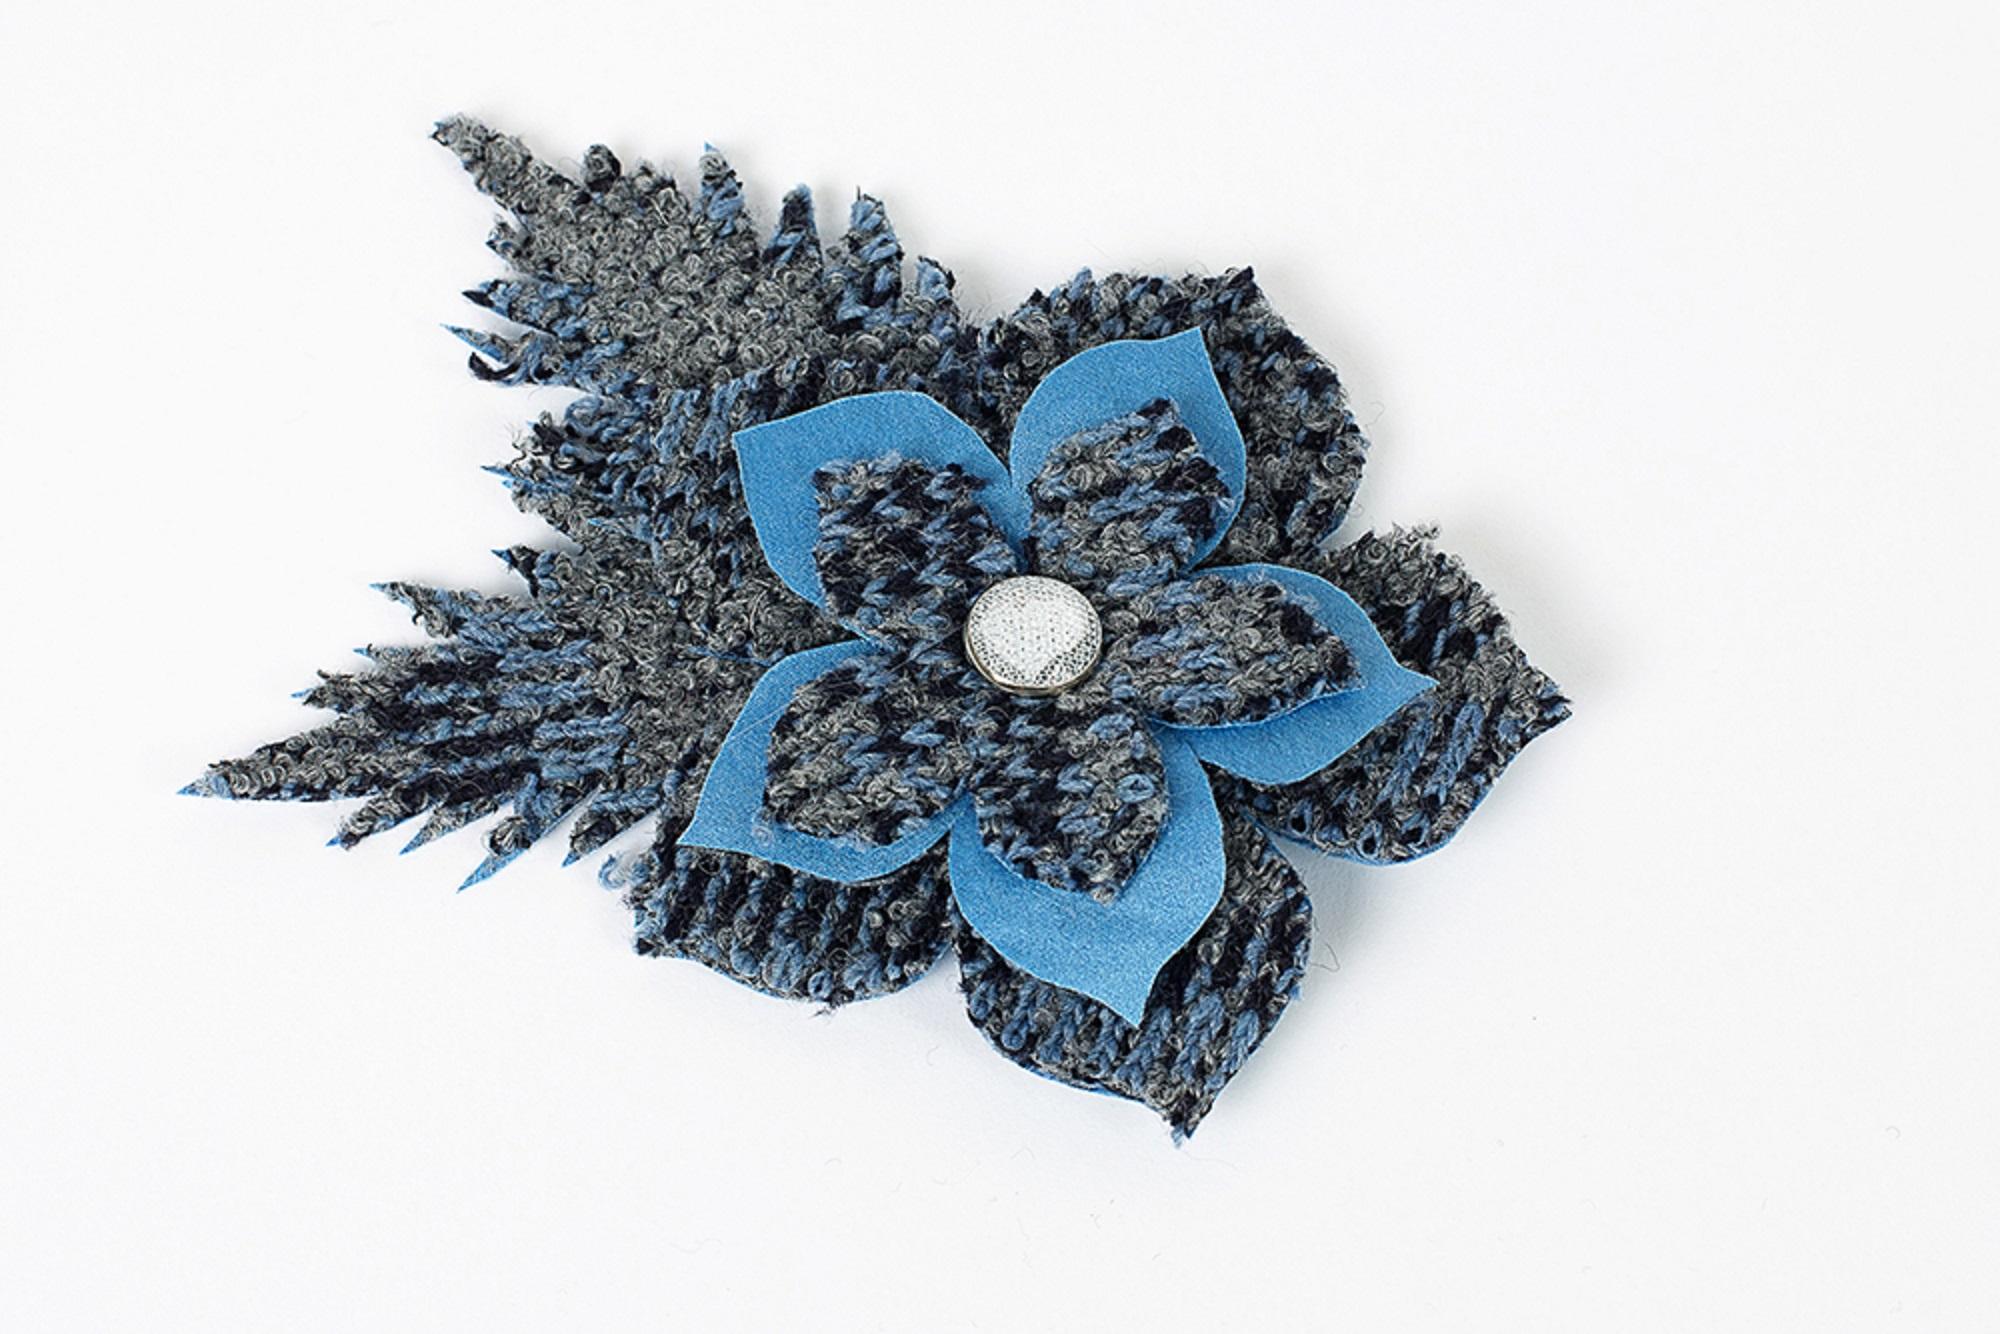 abbastanza Ricamificio La Perla accessori moda - 921648 Spilla fiore CY86